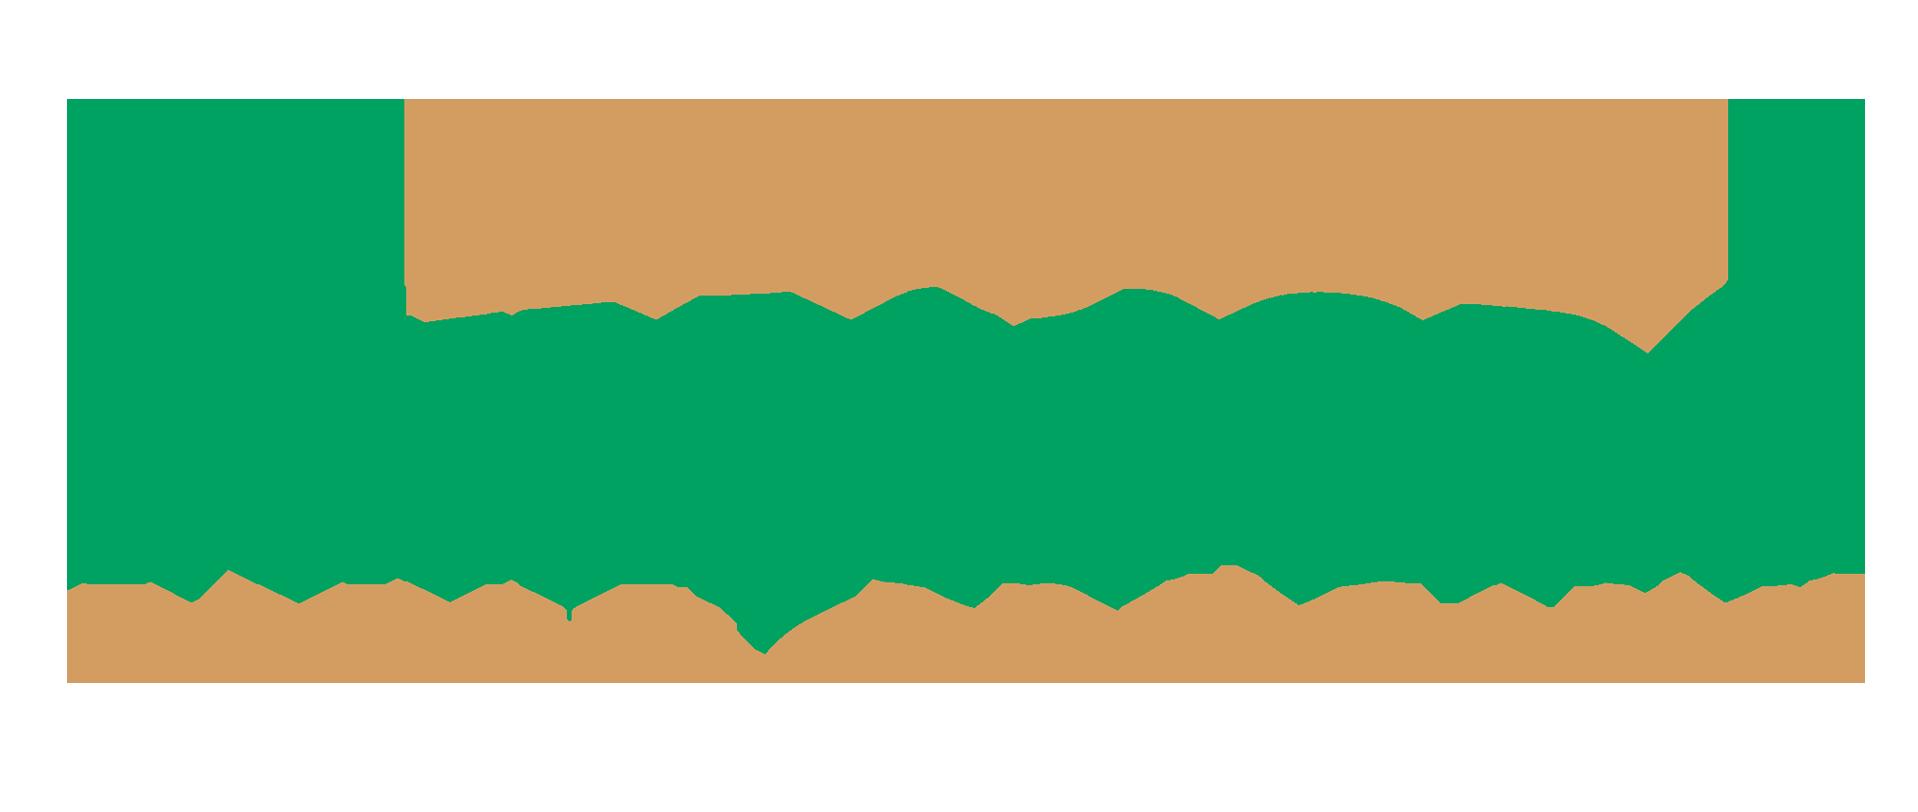 Hillsboro Title Company